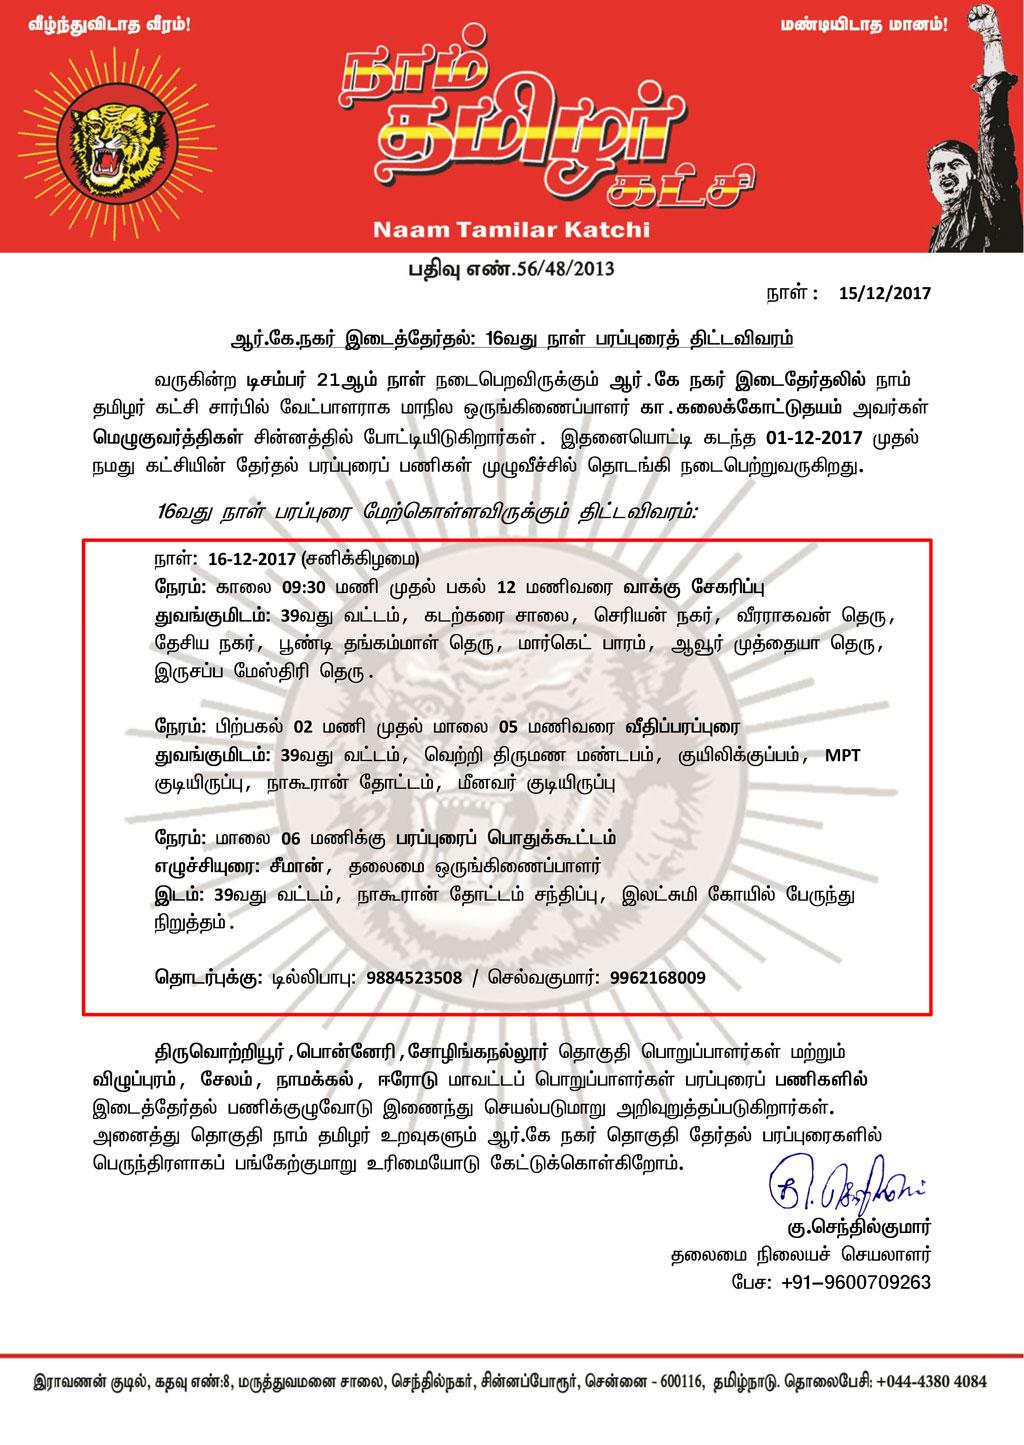 அறிவிப்பு: ஆர்.கே நகர் இடைத்தேர்தல்: 16-12-2017 16வது நாள் | சீமான் வாக்கு சேகரிப்பு மற்றும் பொதுக்கூட்டம் rk nagar by poll election campaign seeman kalaikottuthayam naam tamilar katchi